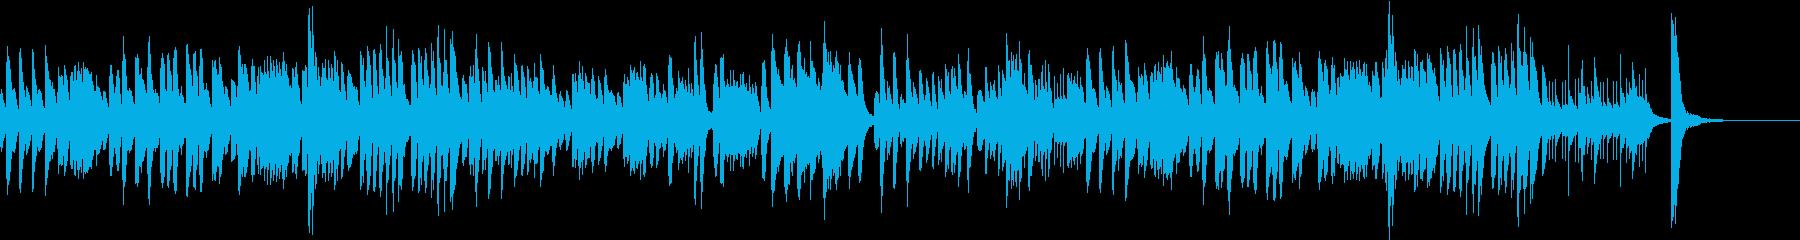 コミカルに展開する軽快なピアノソロの再生済みの波形